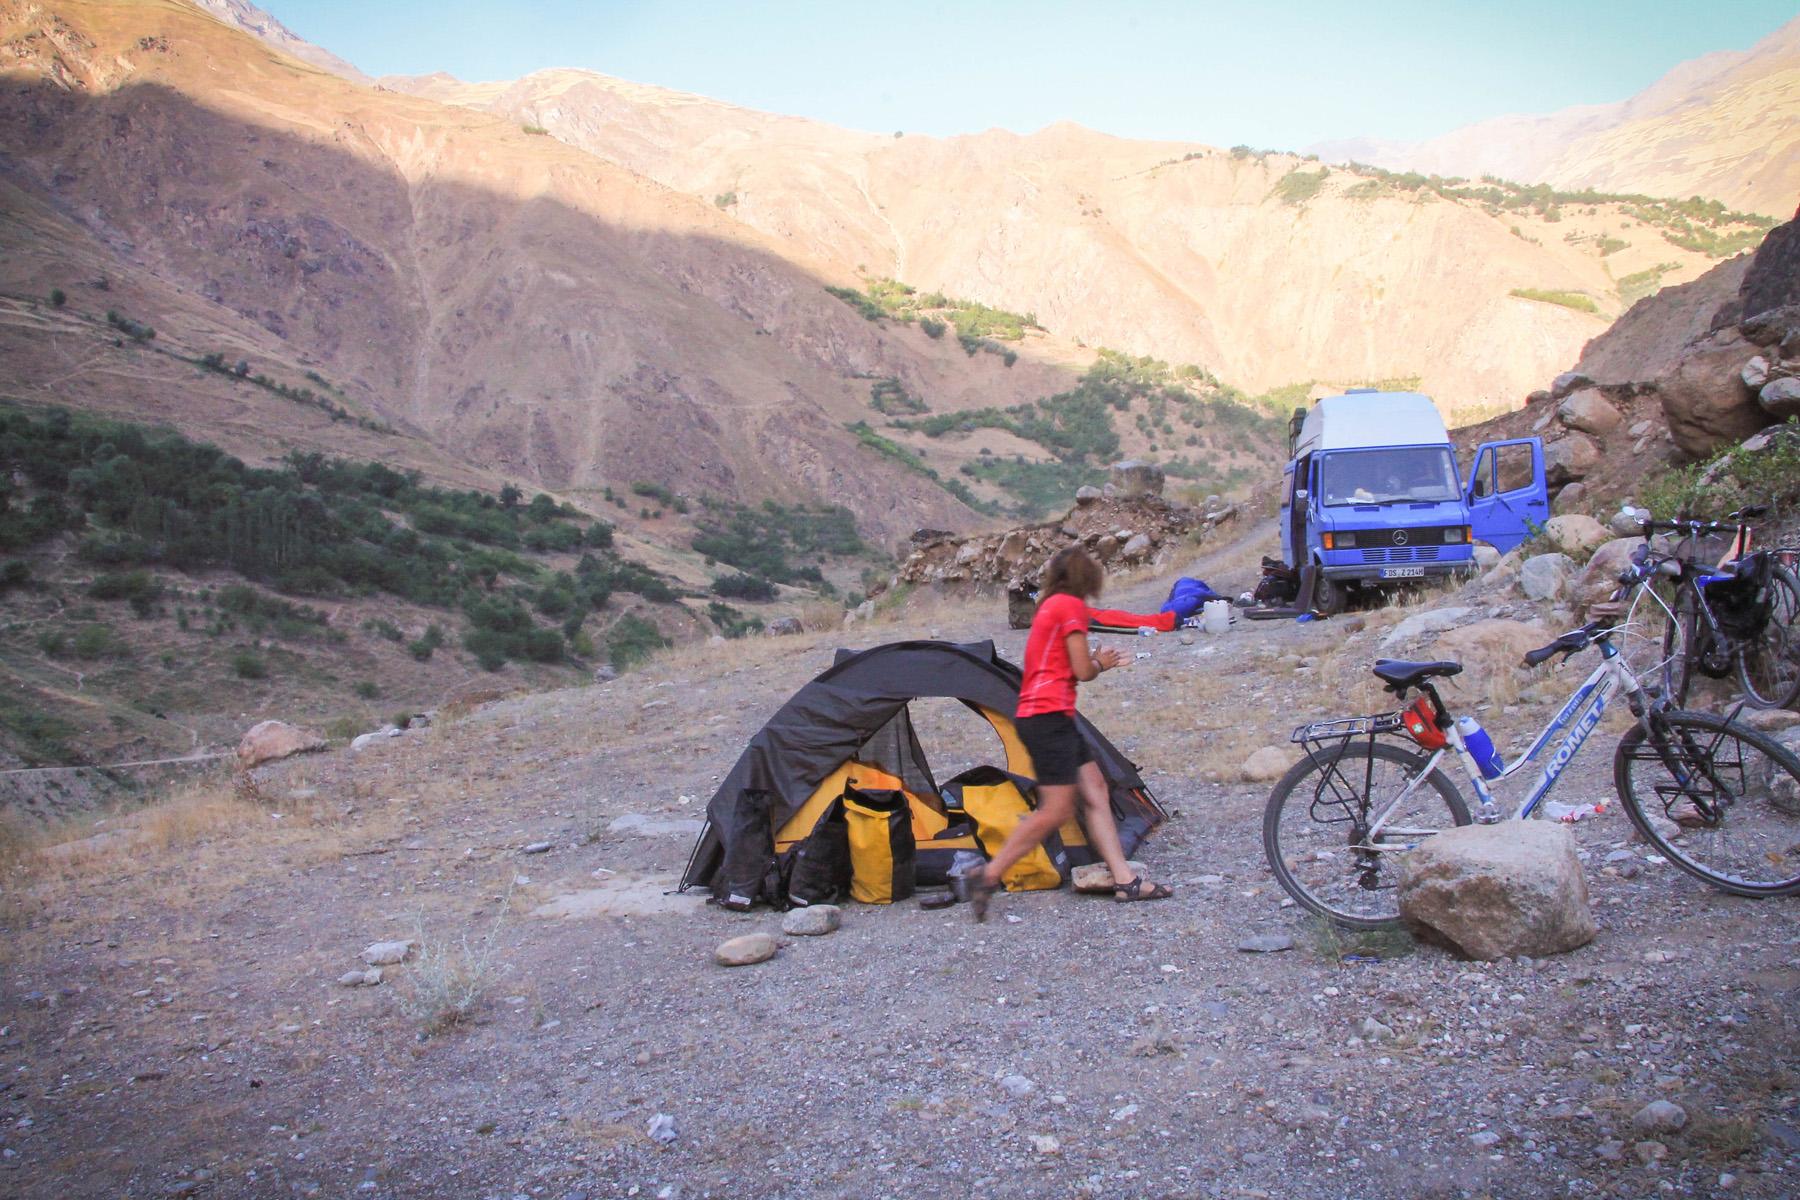 Drugiego dnia jazdy z Janne, upatrzyliśmy sobie bardzo fajną miejscówkę z widokiem na Afganistan. Okazało się, że tę sama wybrali już Niemcy jadący dookoła świata swoim bisikiem.